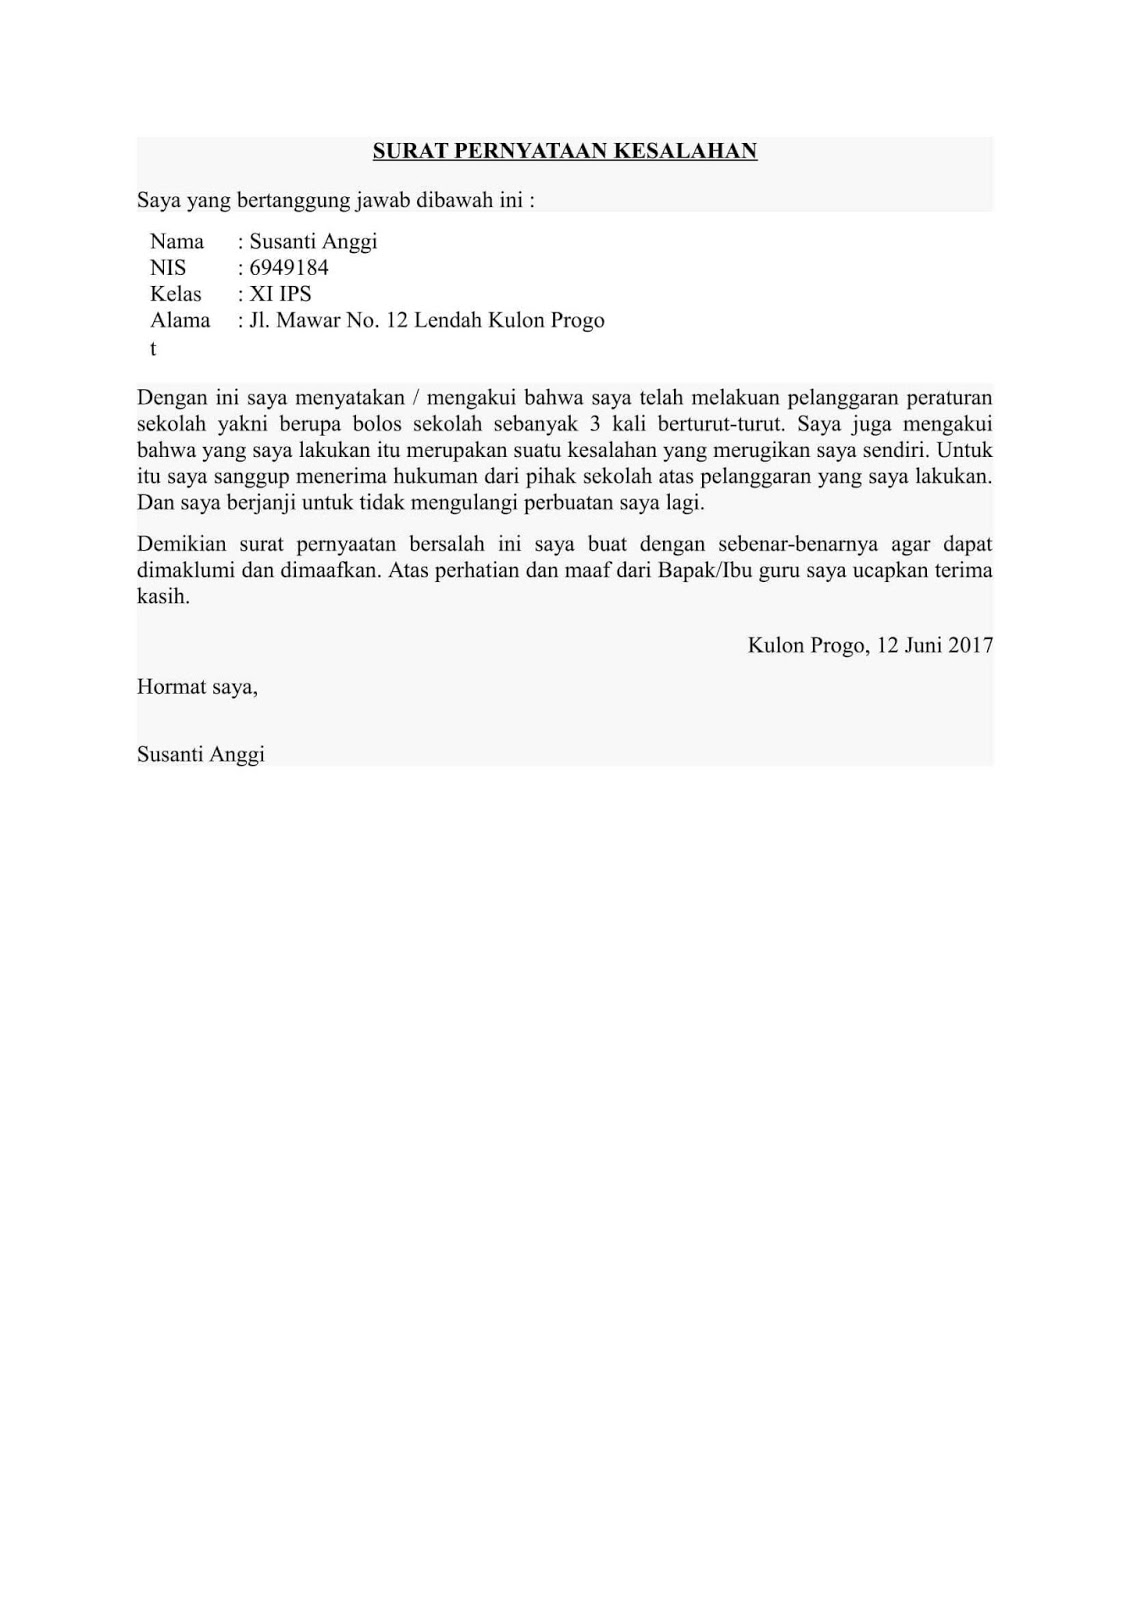 Contoh Surat Pernyataan Kesalahan Nama Ktp